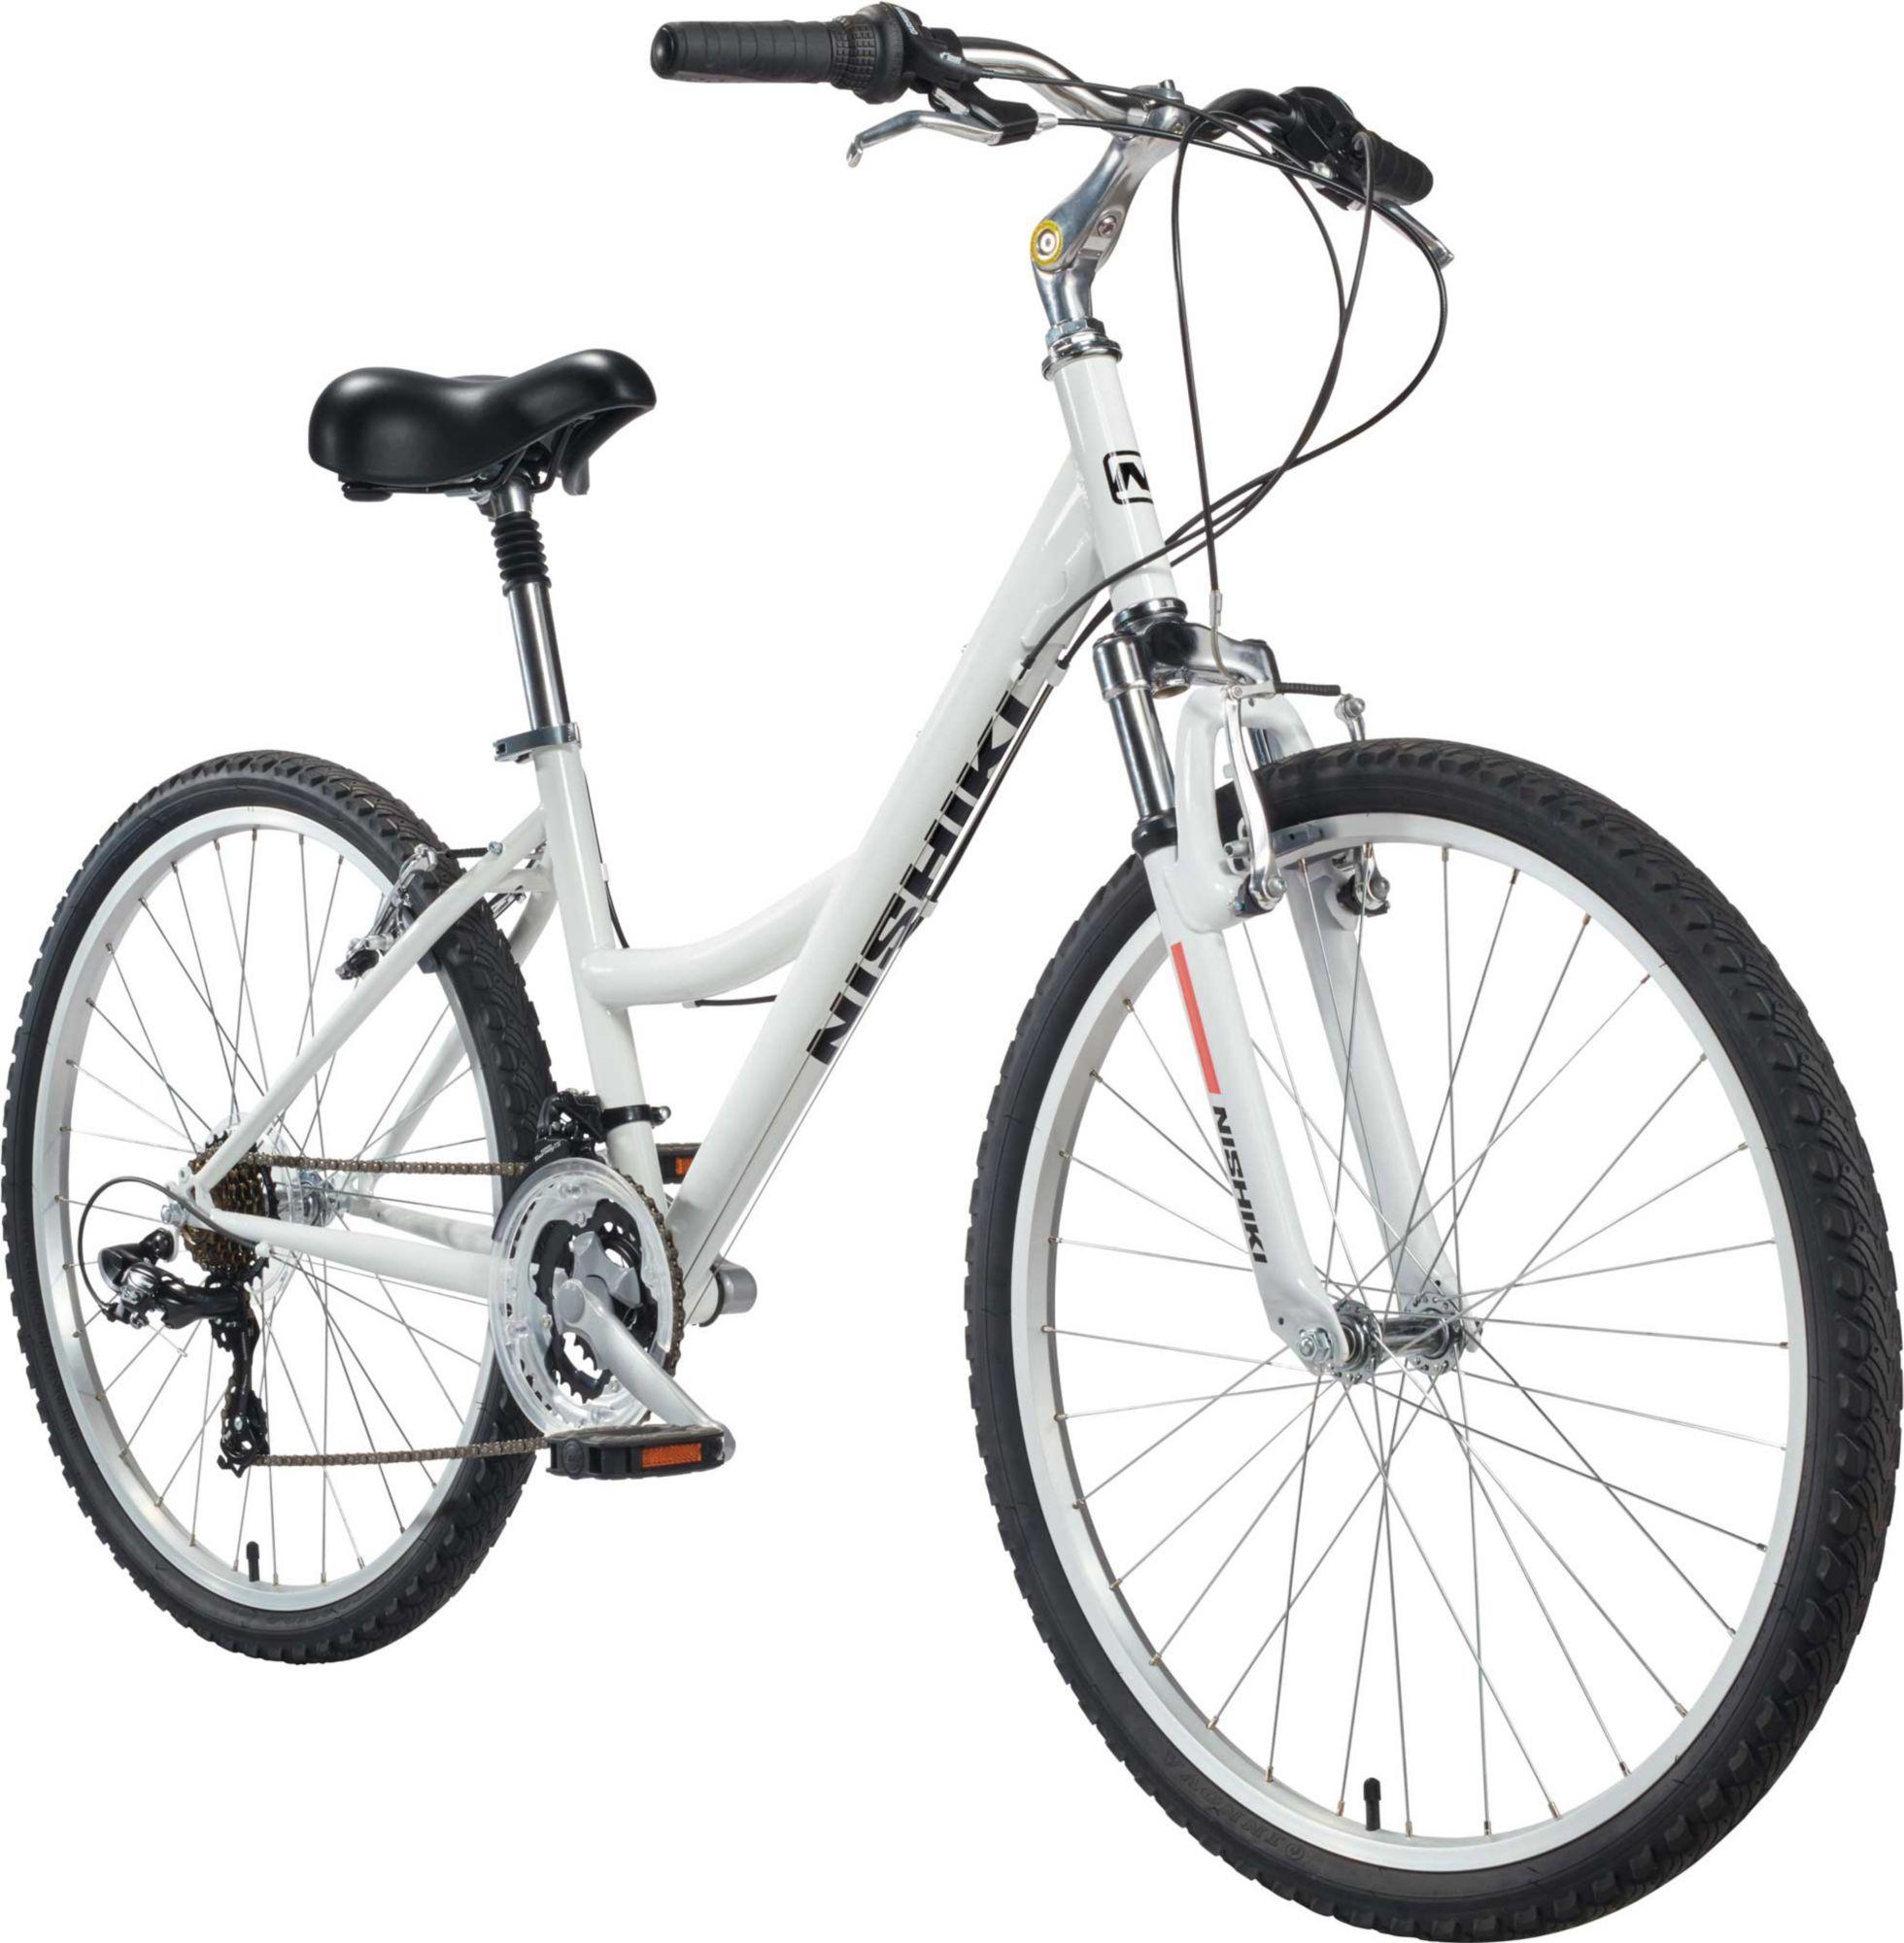 Nishiki Women S Tamarack Comfort Bike Comfort Bike Bike Buy Bike